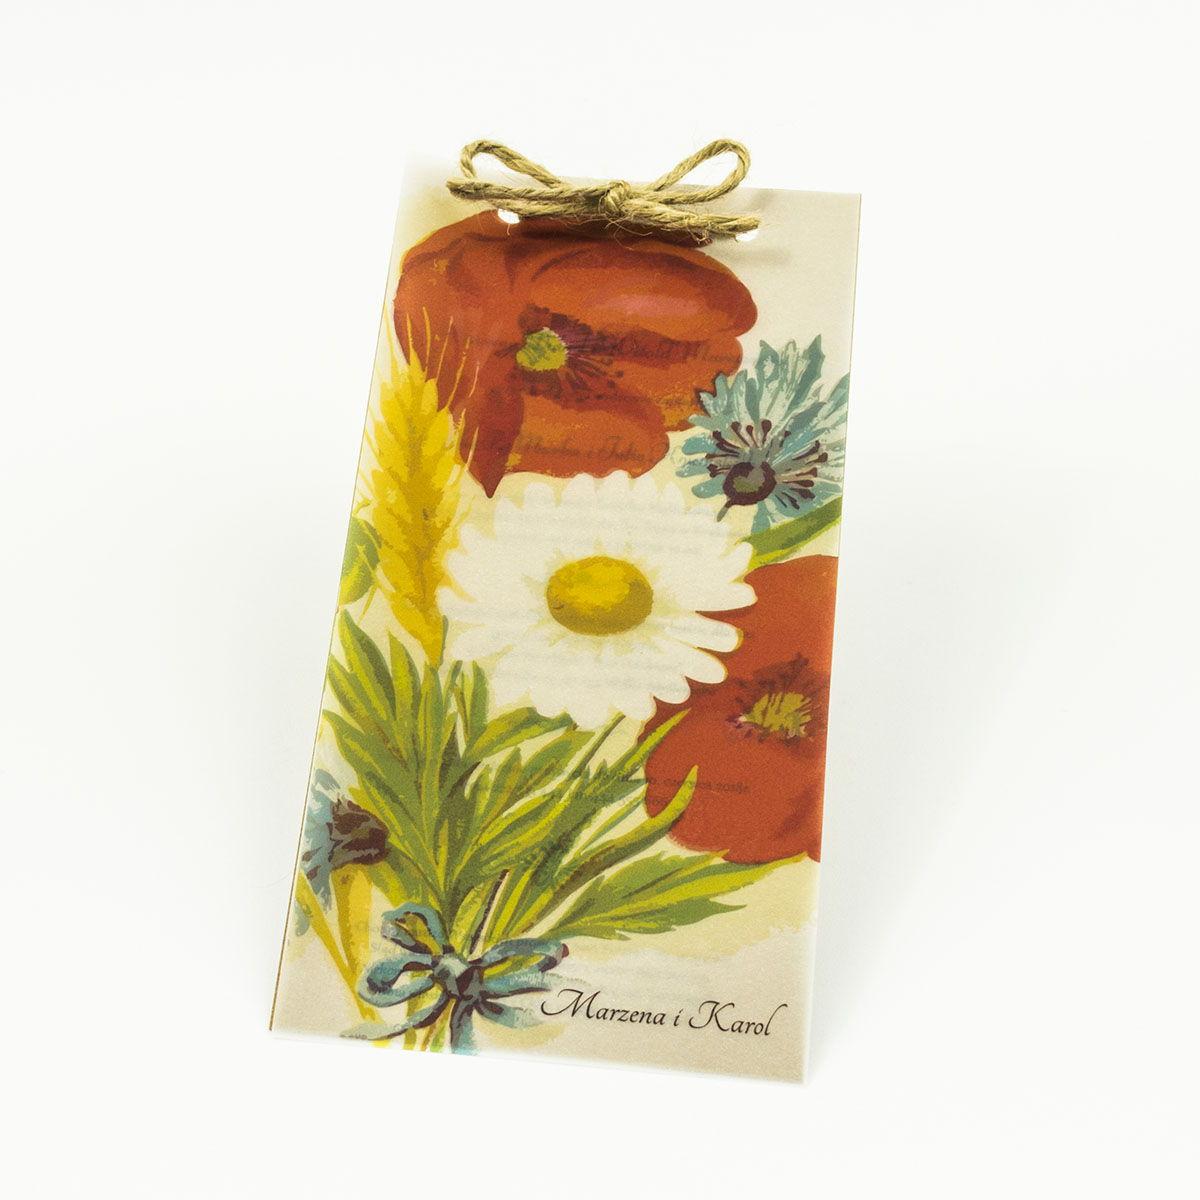 Kwiatowe zaproszenia ślubne w stylu eko z bukietem polnych roślin - maków, chabrów, rumianku i pszenicy. ZAP-82-02